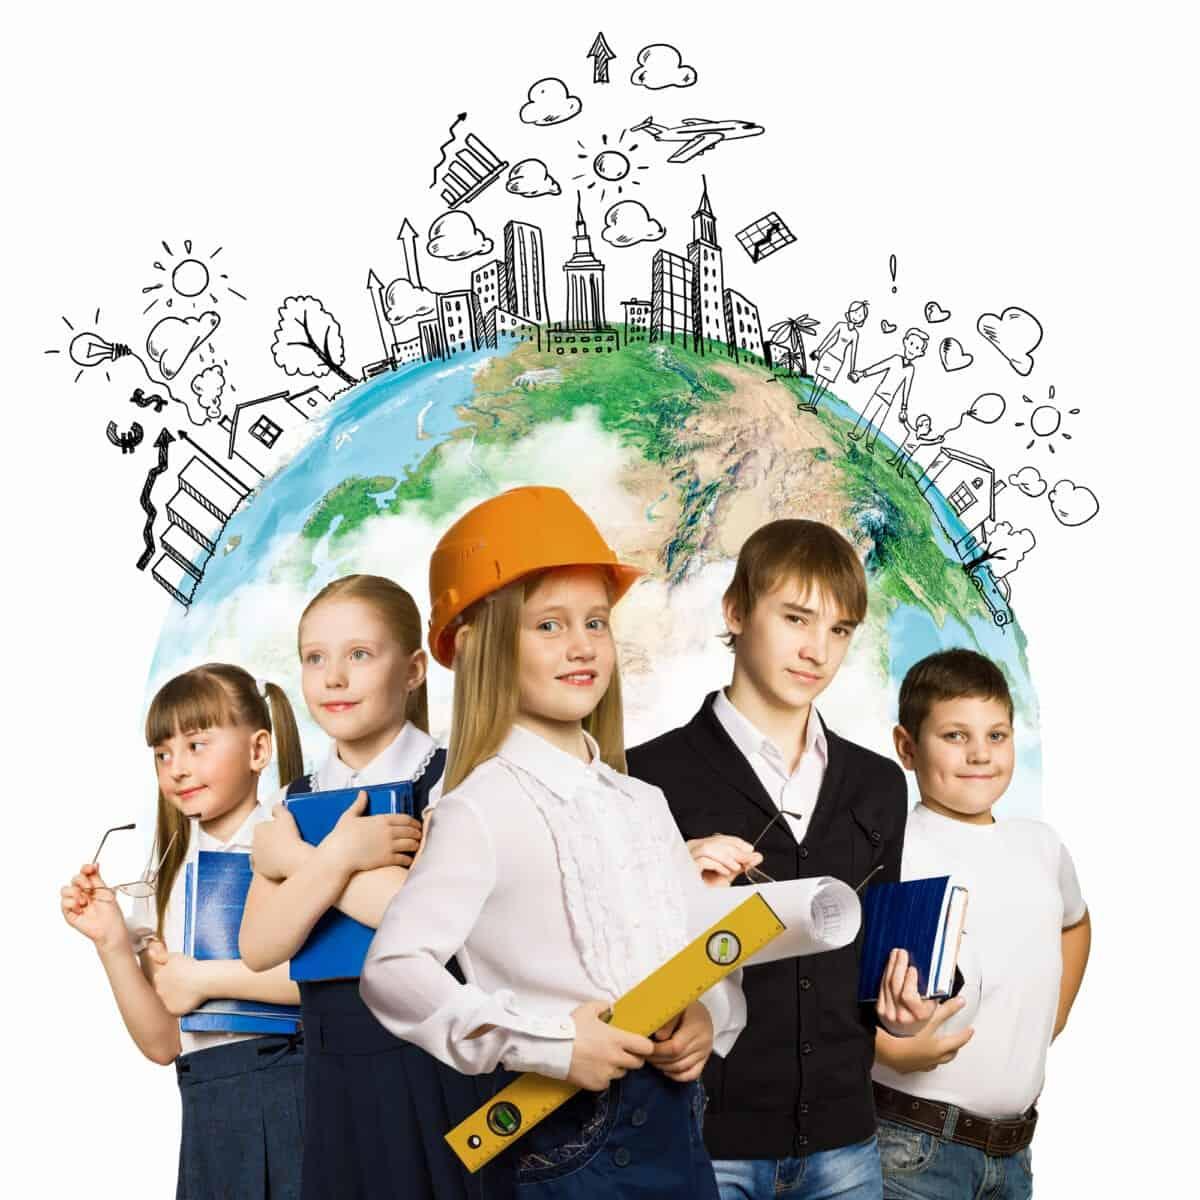 Szent Bazil Középiskola Az Iskolaválasztás nagy döntés! Debreceni tagintézmény Kisvárdai Tagintézmény Nyíregyházi Tagintézmény Szent Bazil Görögkatolikus Középiskola